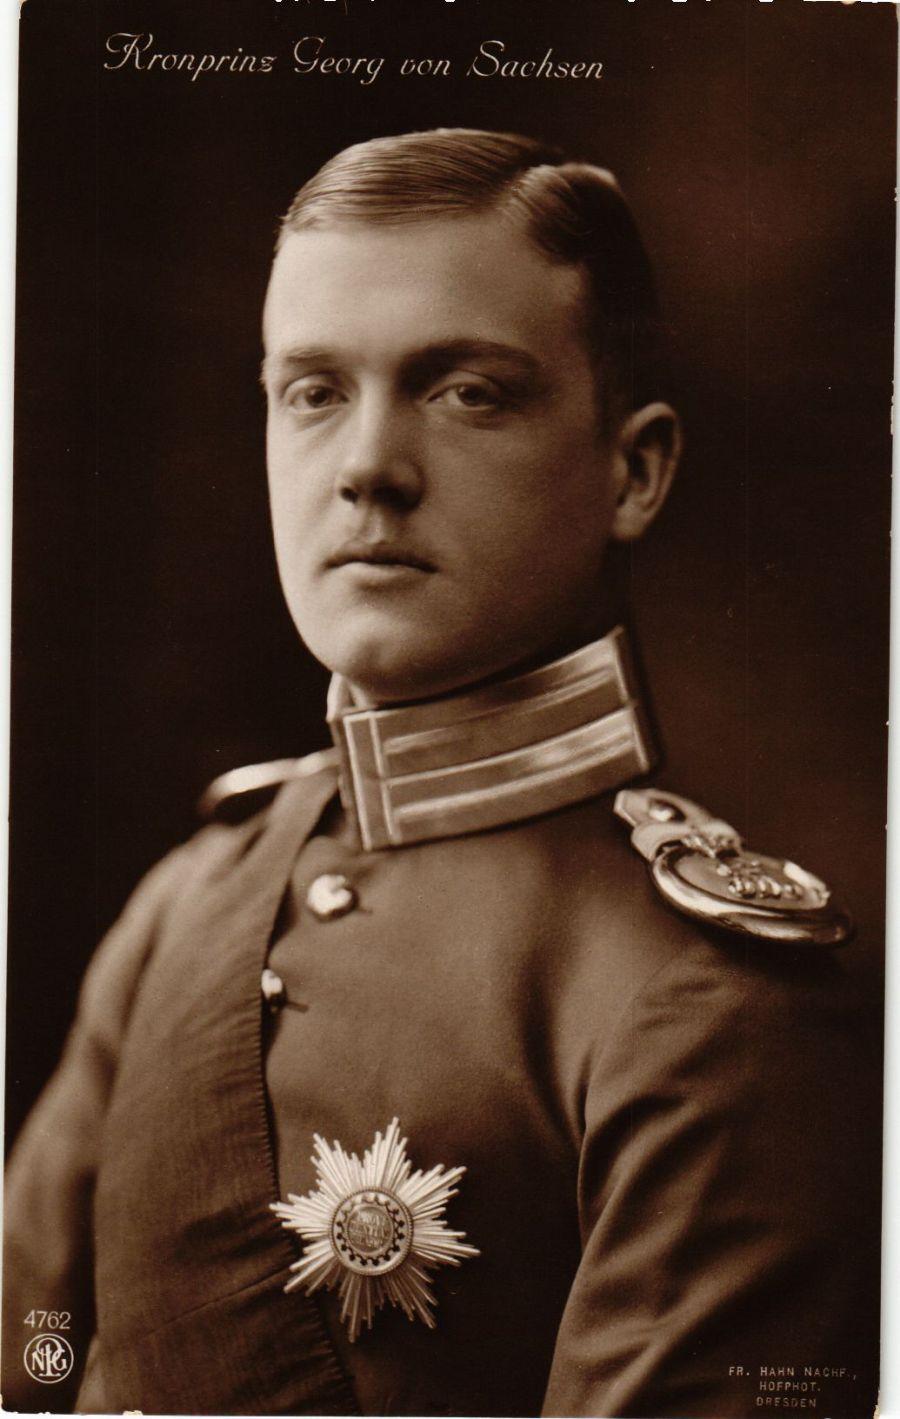 CPA-AK-Kronprinz-Georg-von-Sachsen-GERMAN-ROYALTY-867297